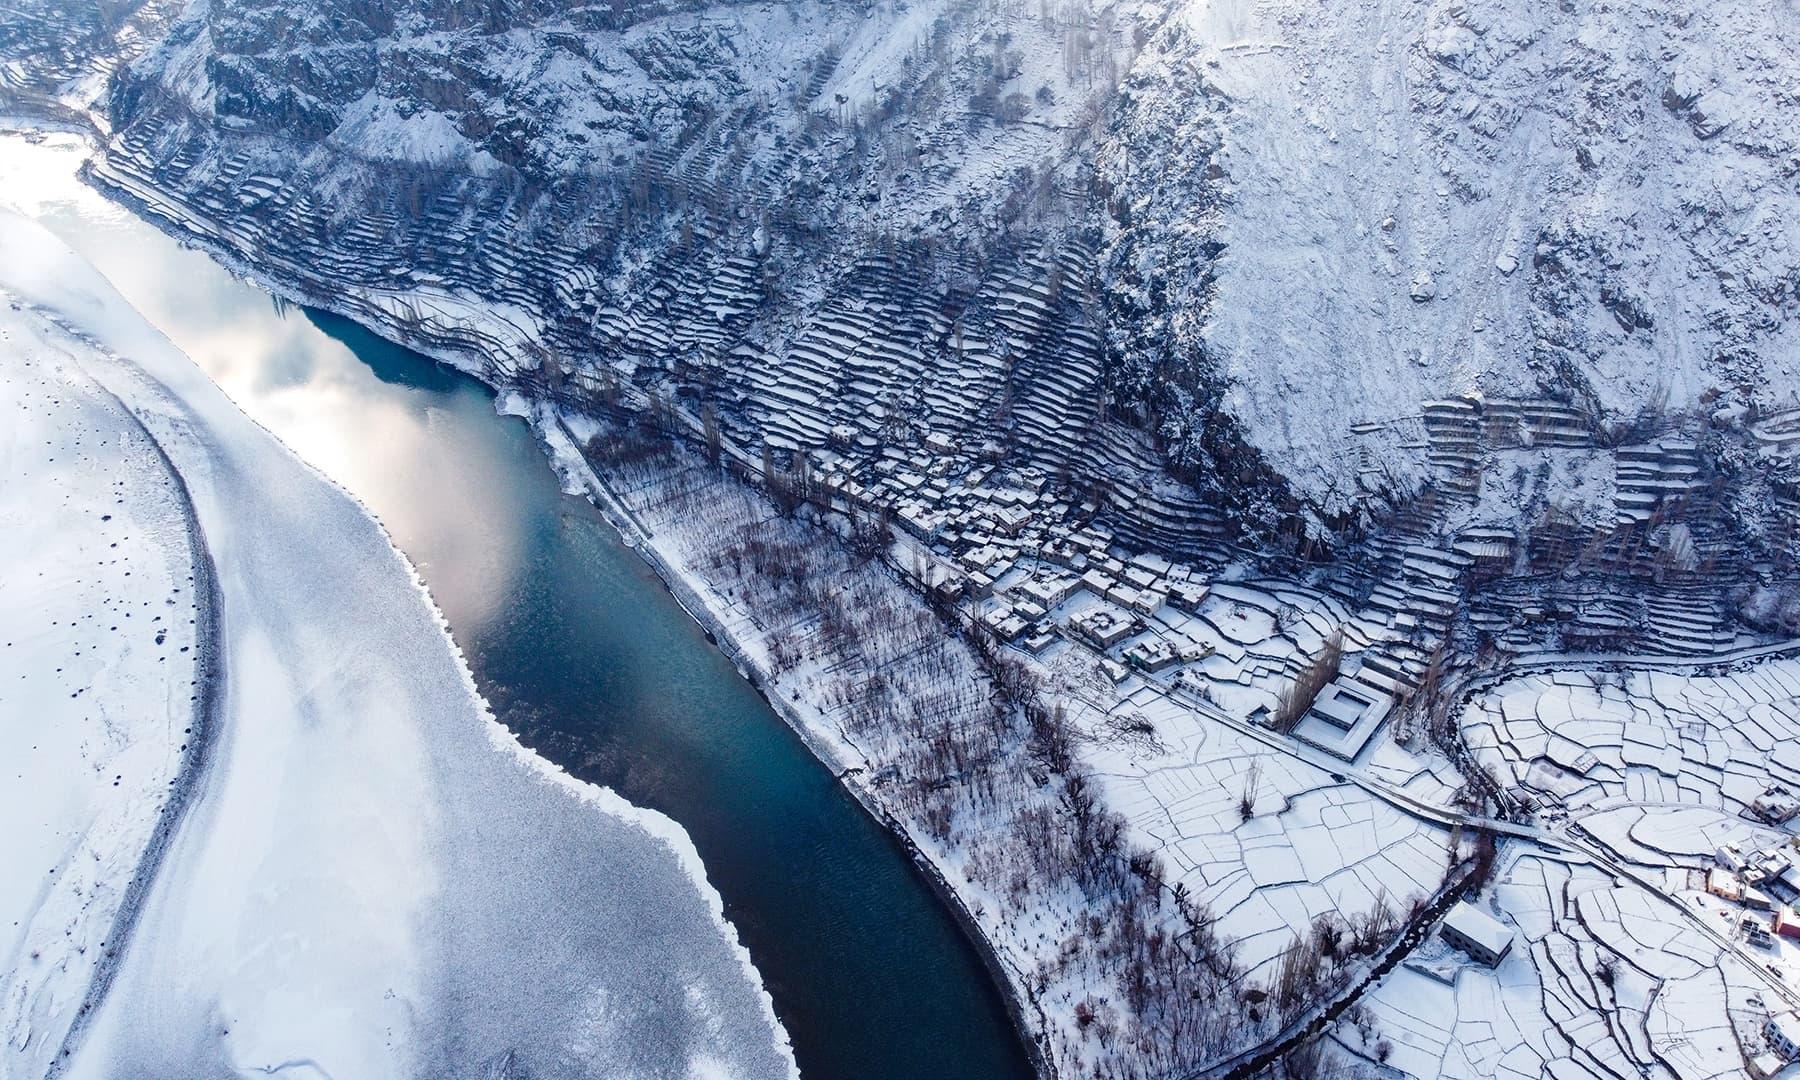 کھرمنگ میں برف باری کے بعد کا منظر